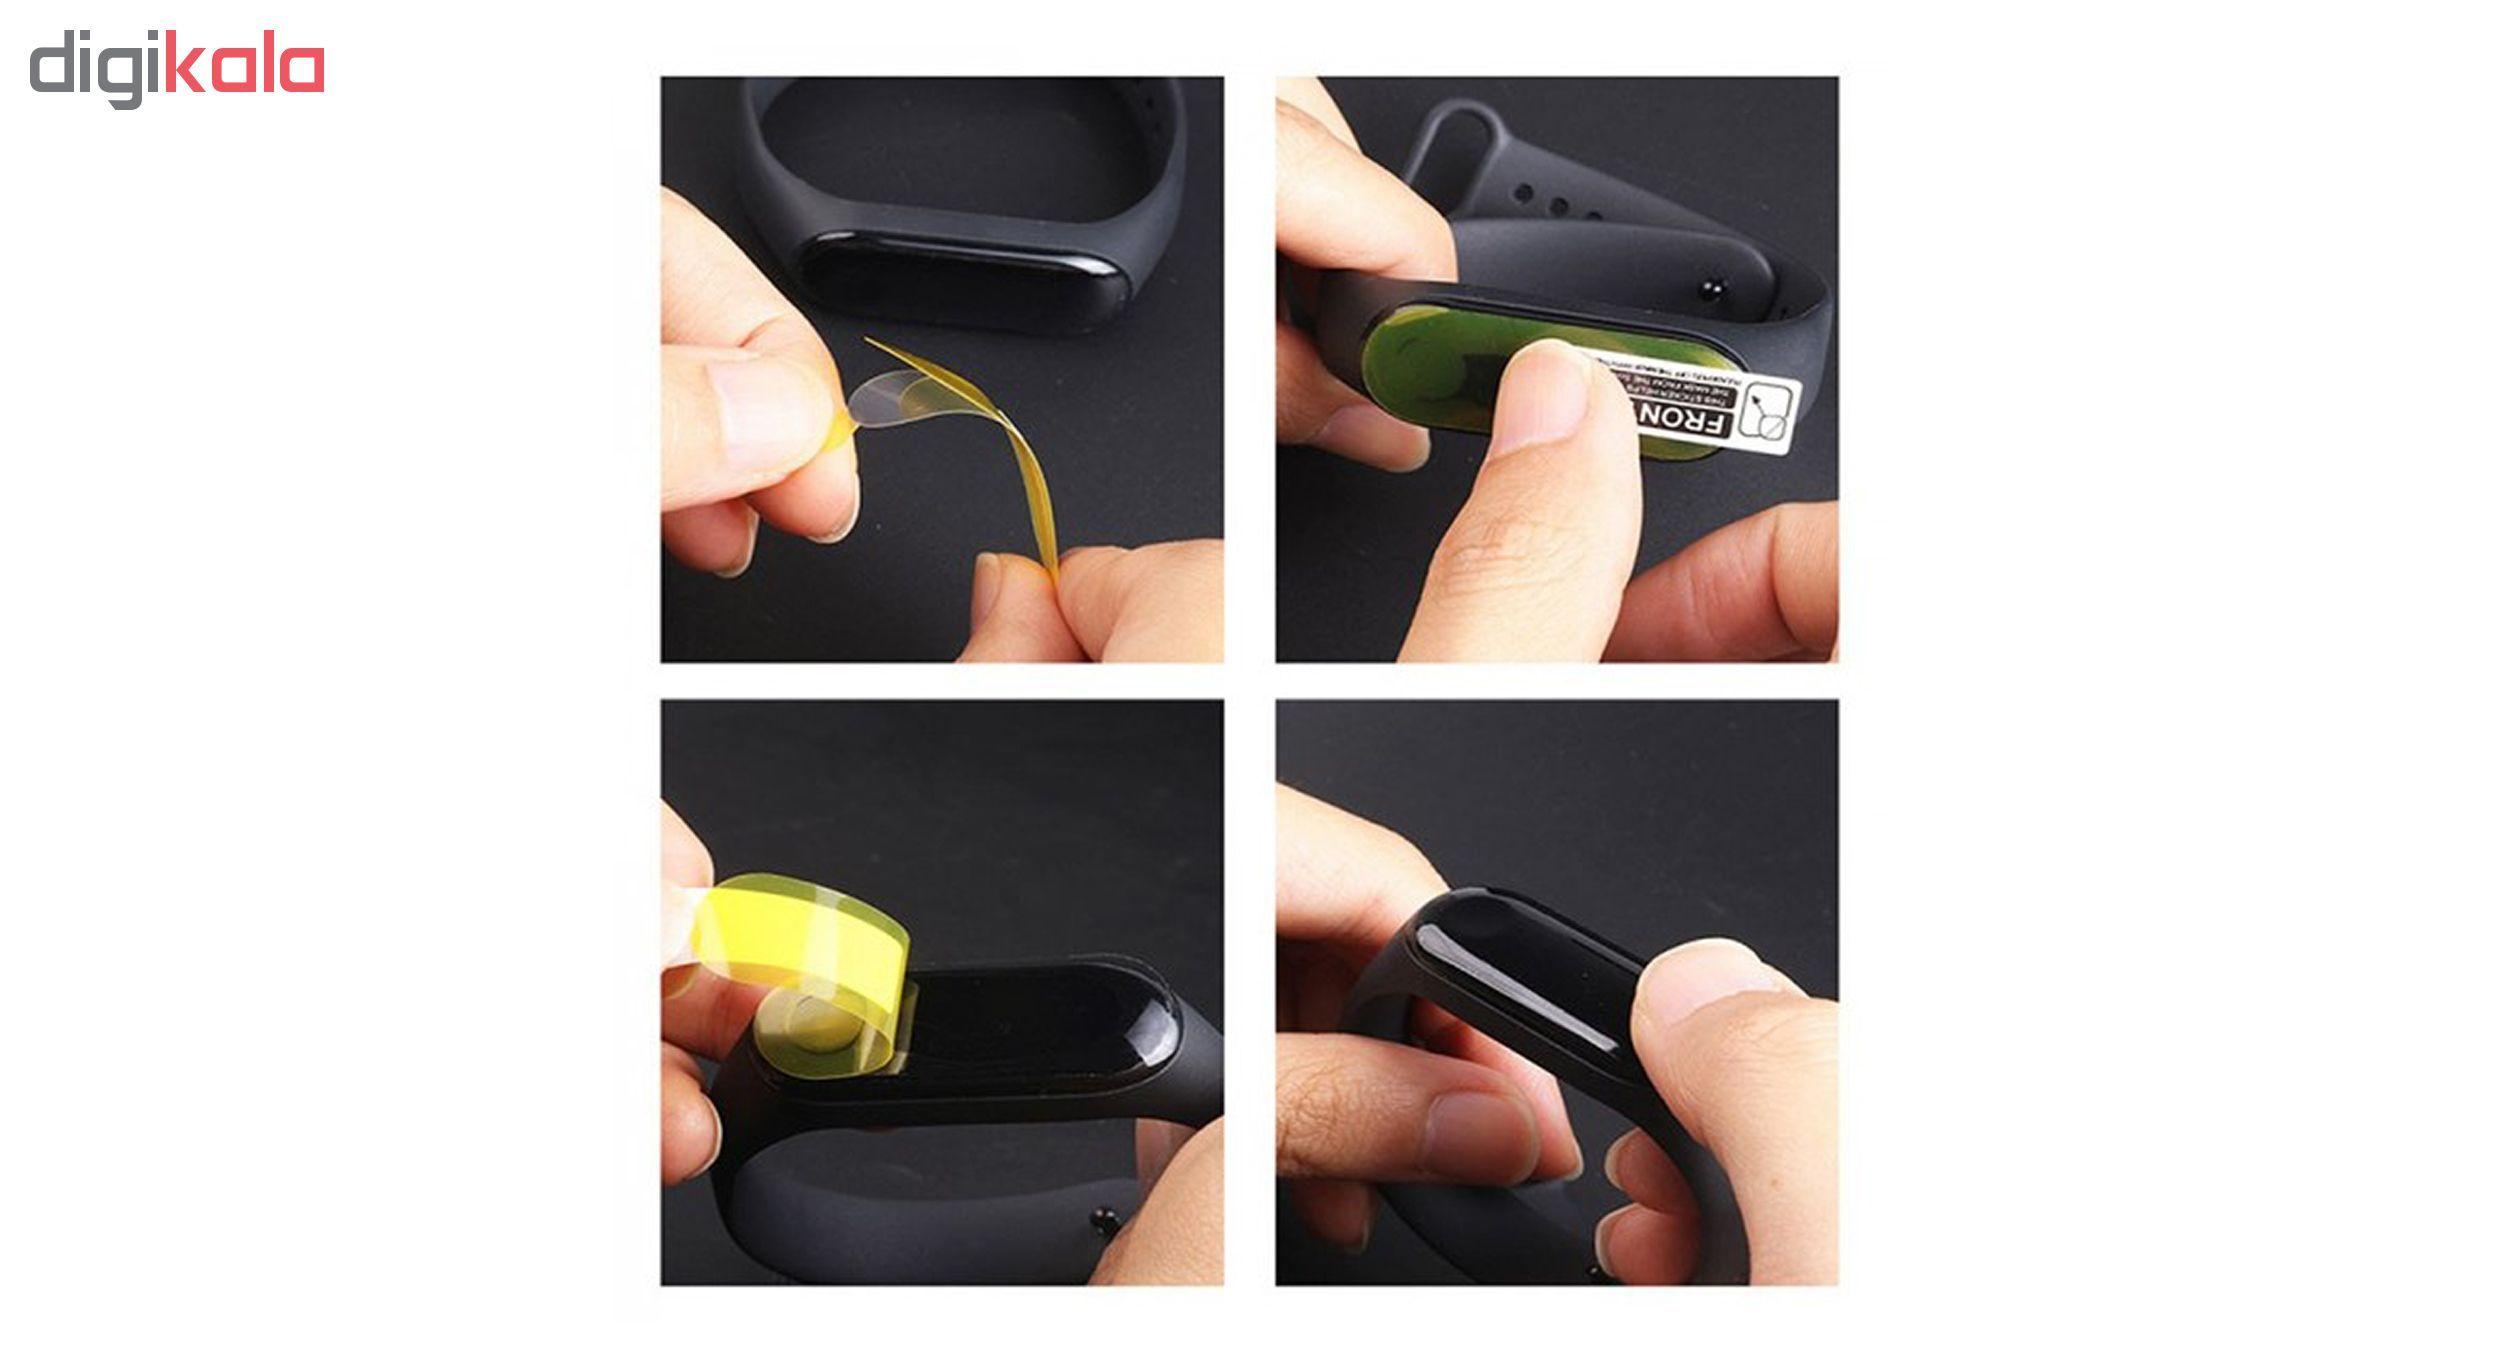 محافظ صفحه نمایش سومگ مدل SMG-G2 مناسب برای مچ بند هوشمند شیائومی Mi Band 3  main 1 5